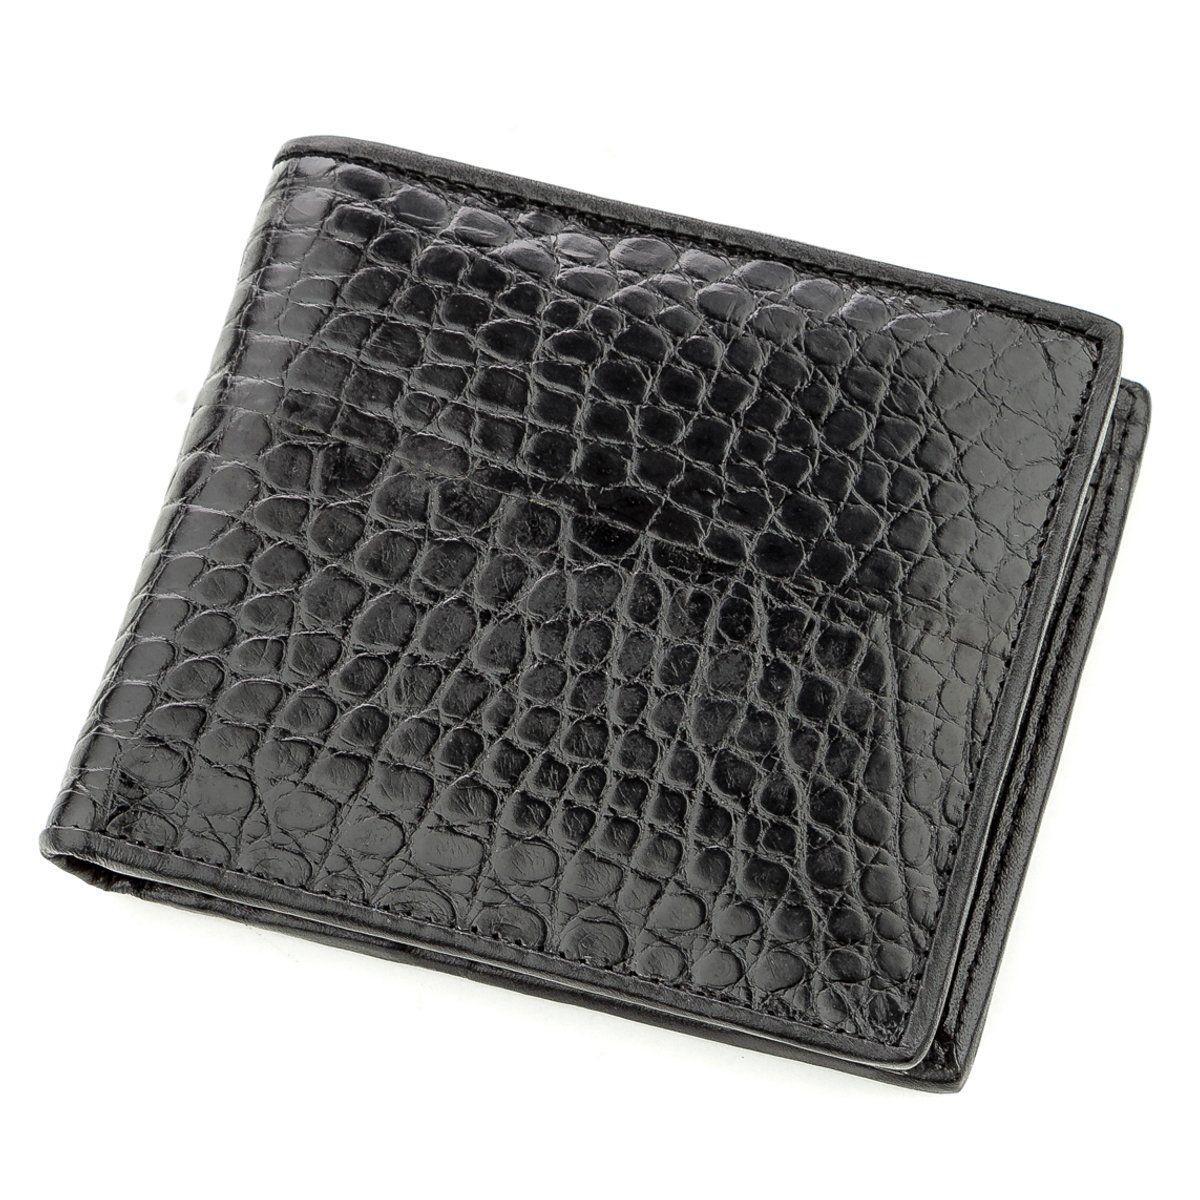 Бумажник мужской CROCODILE LEATHER 18584 из натуральной кожи крокодила Черный, Черный